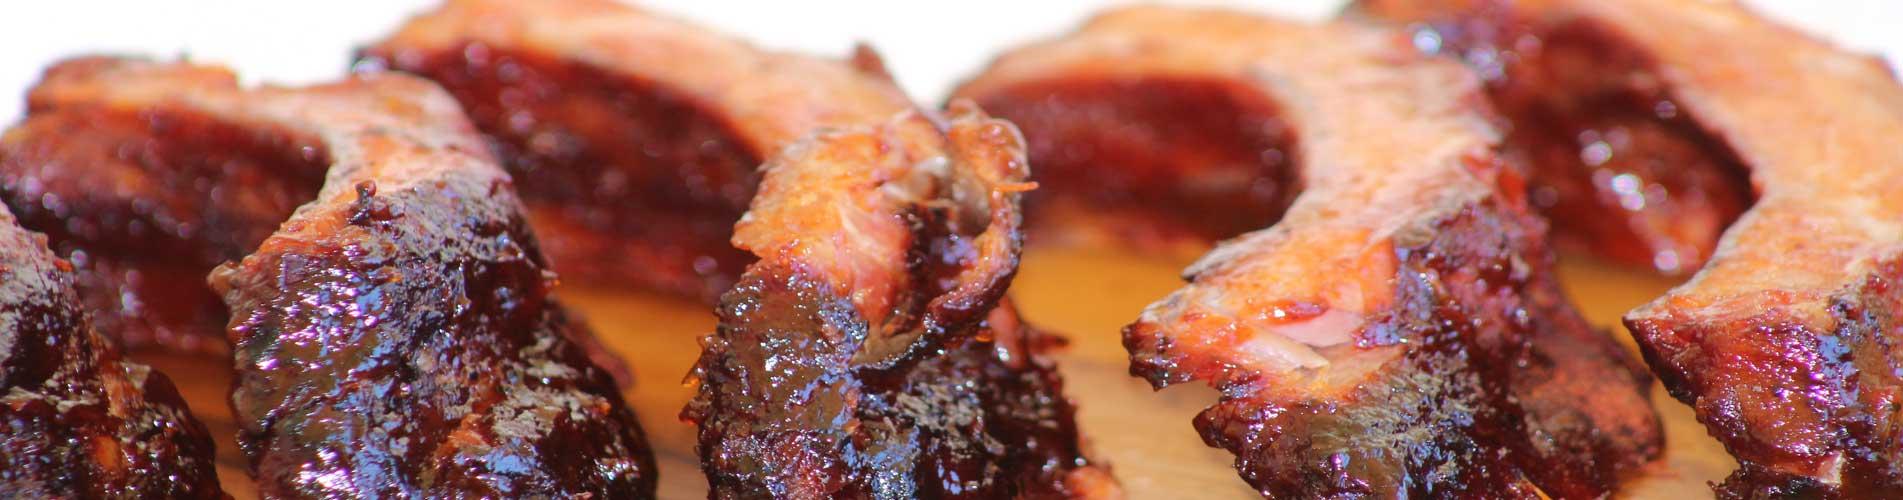 Redgum-Smoker-sawdust-online-bbq-weber-meat